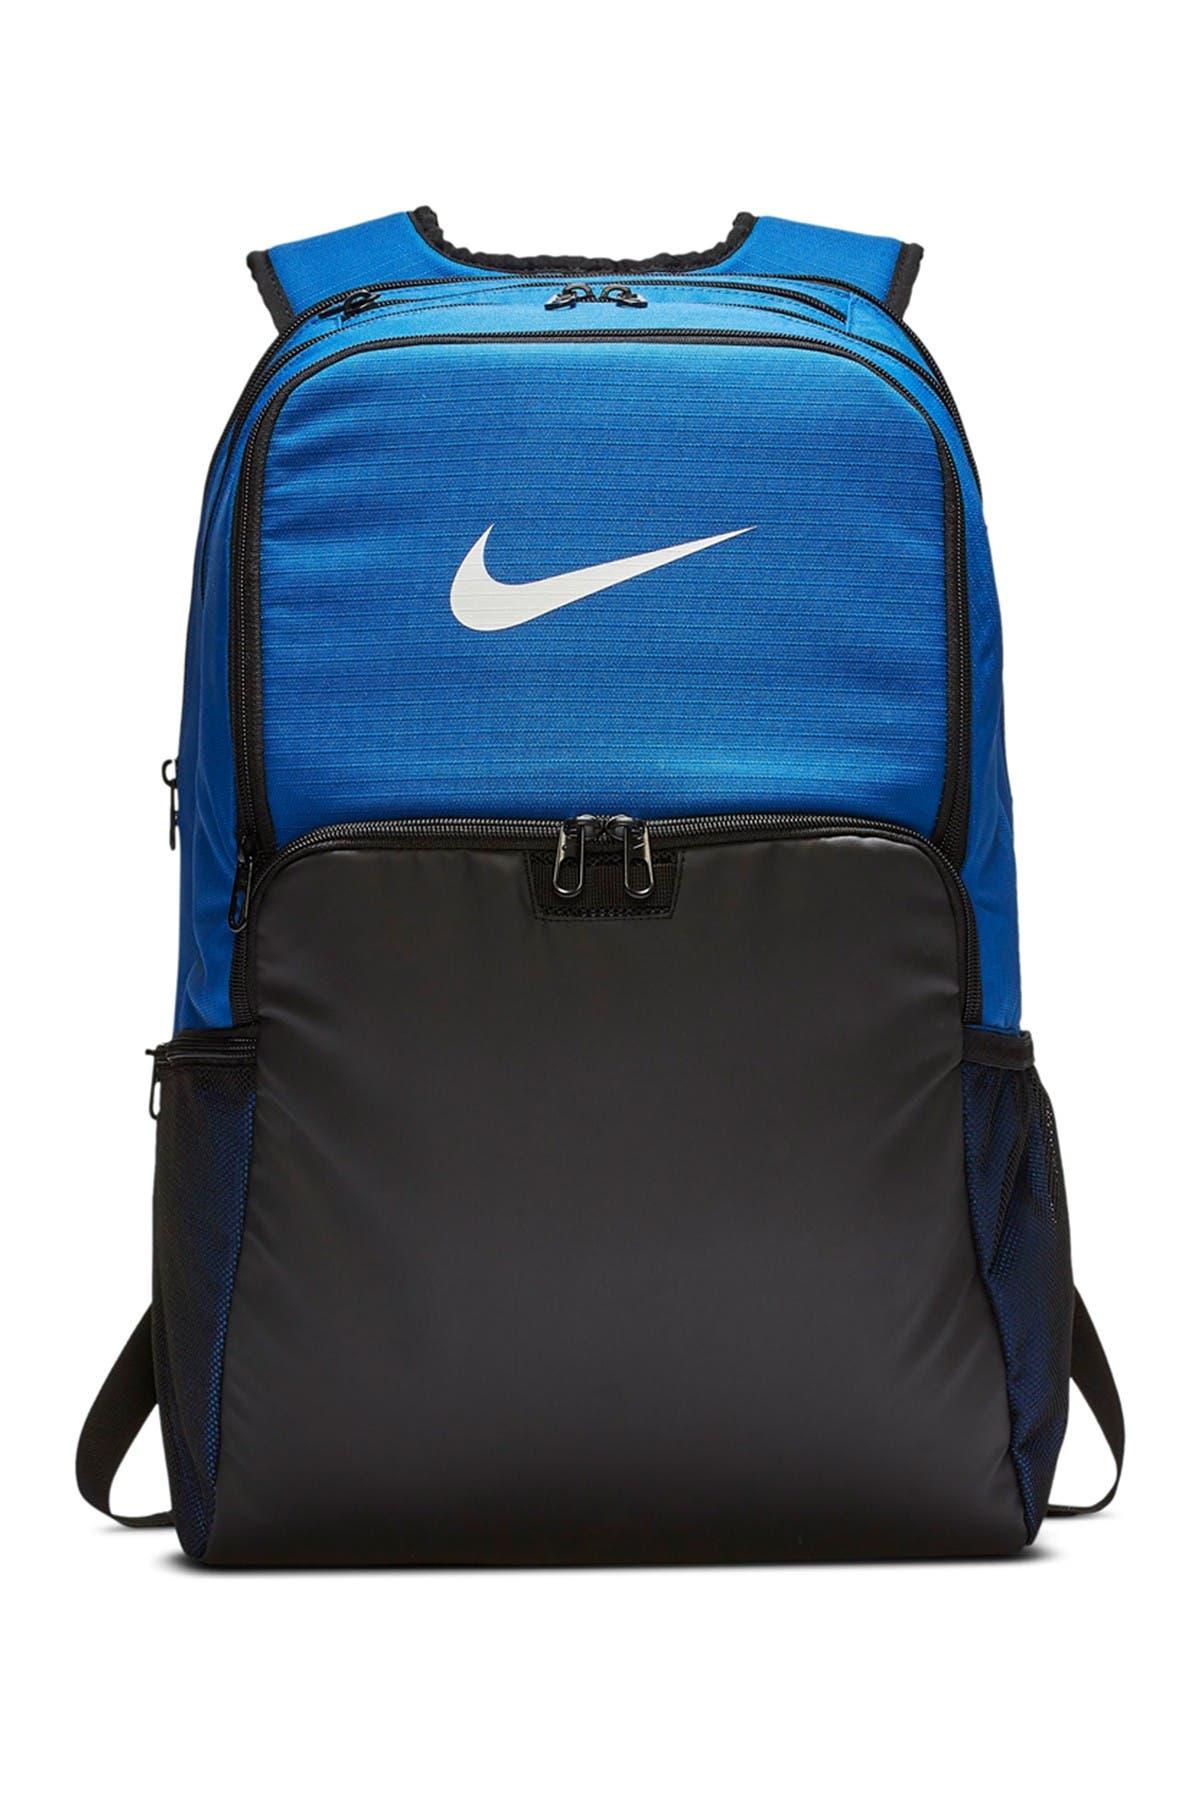 Image of Nike Brasilia 9.0 Extra Large Training Backpack